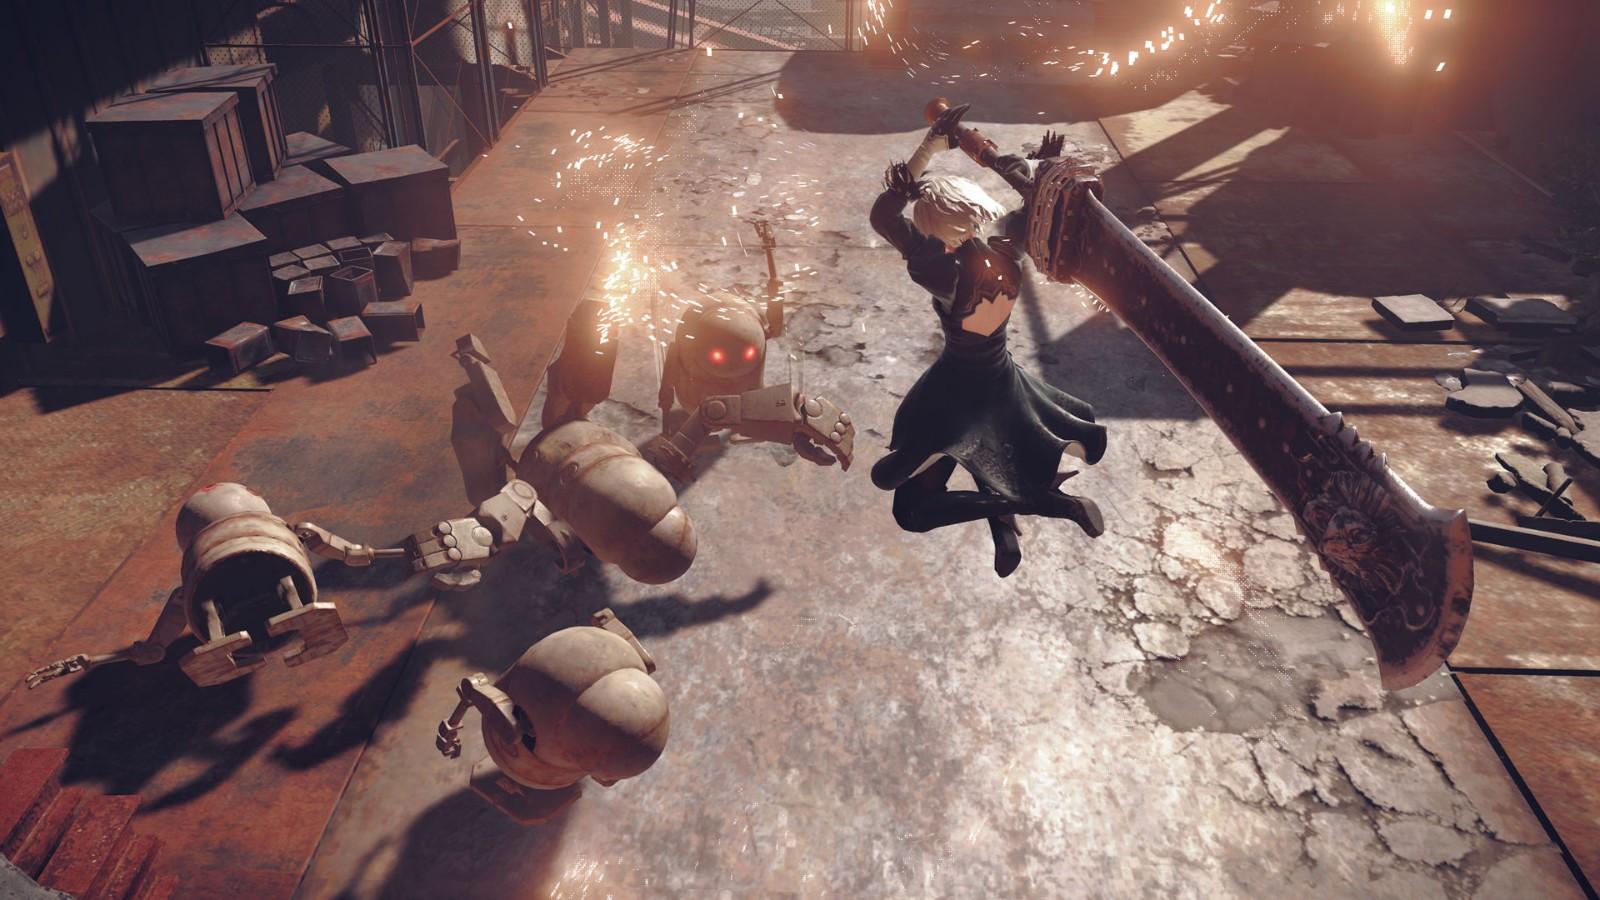 玩家愤怒 继续用差评轰炸Steam《尼尔:机械纪元》